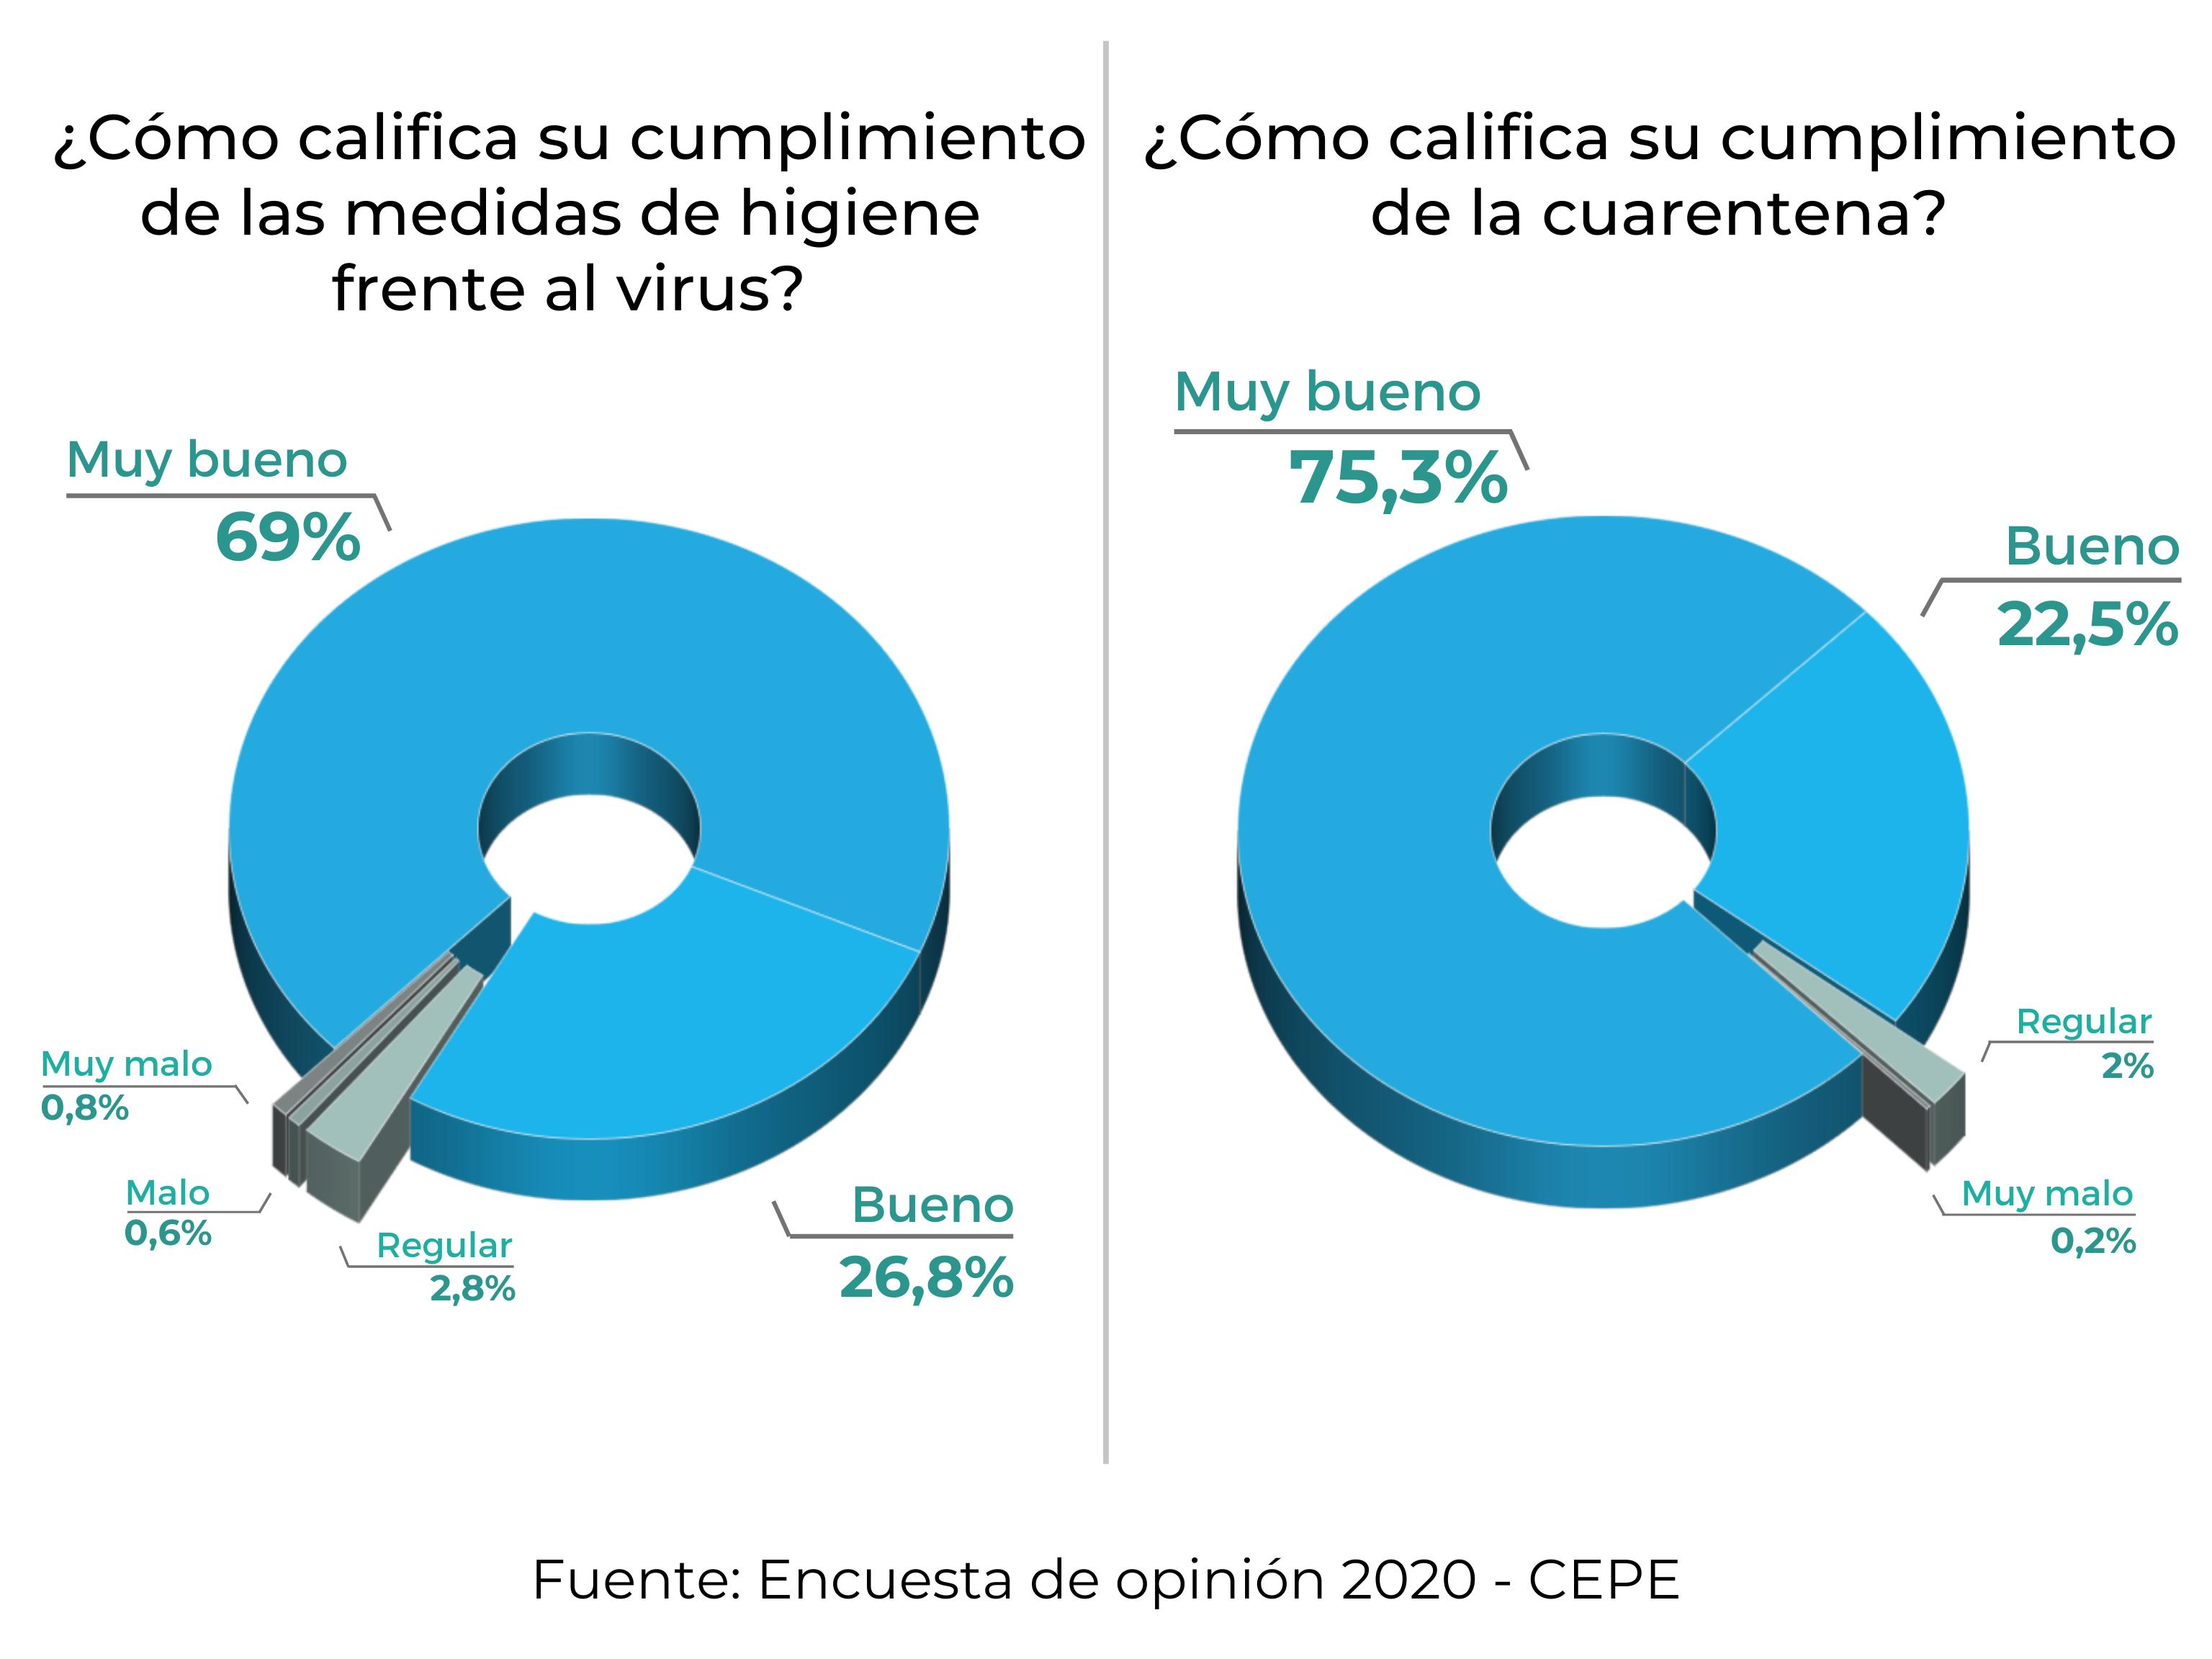 En Mar del Plata, las mujeres cumplen más la cuarentena